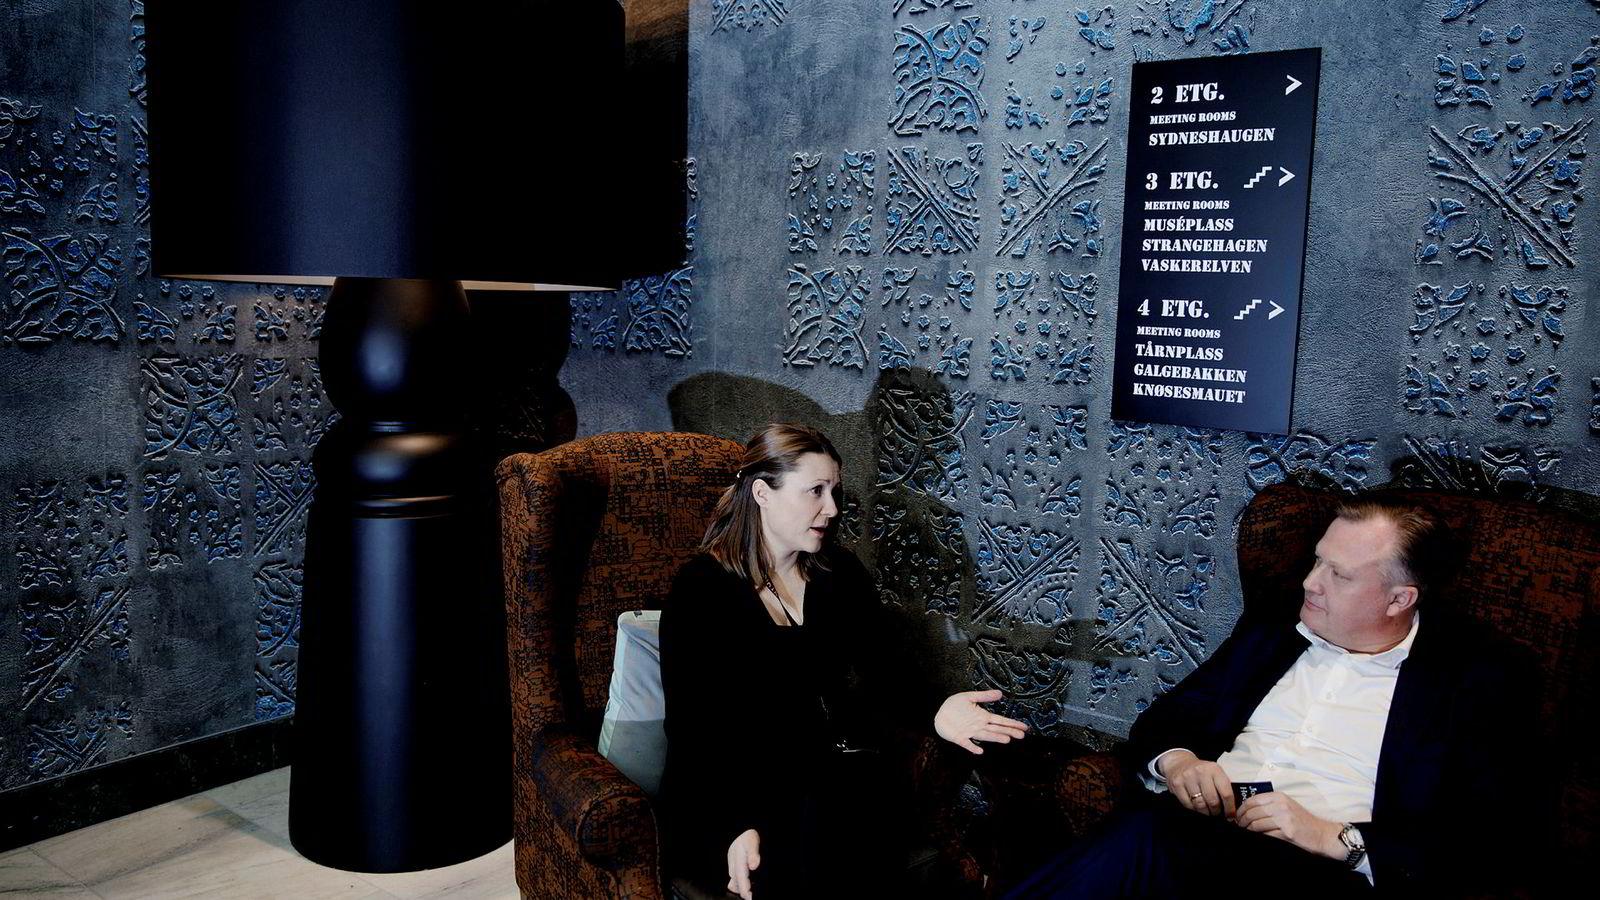 Administrerende direktør i Argentum, Joachim Høegh-Krohn og Friskus-gründer Sigrid Nedkvitne er enige om at investormiljøet trenger flere kvinner.